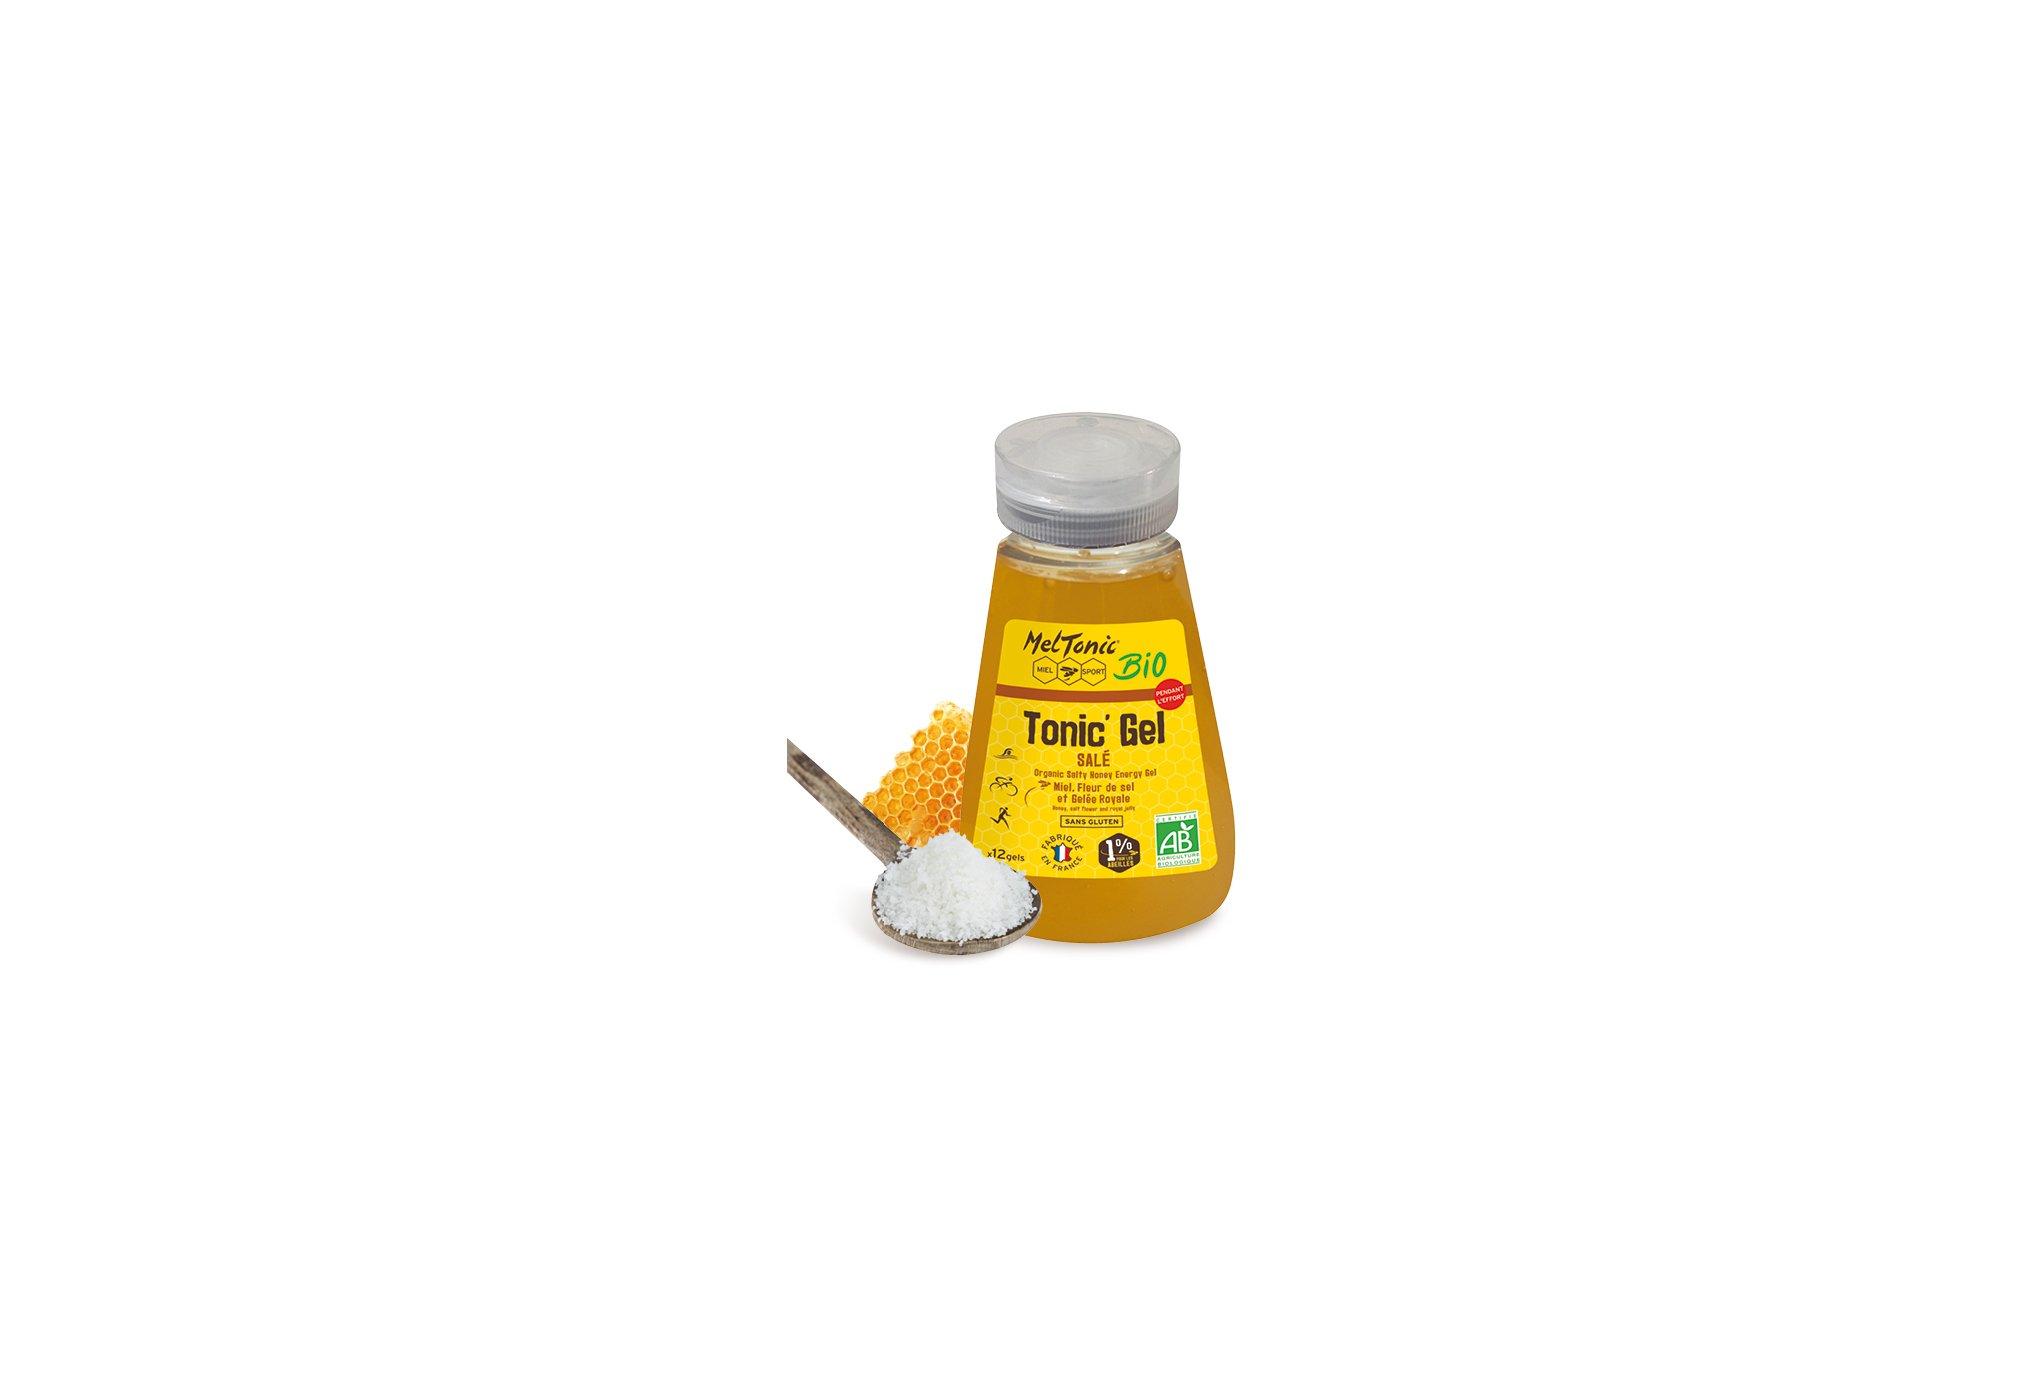 MelTonic Recharge Eco Tonic'Gel Salé Diététique Gels